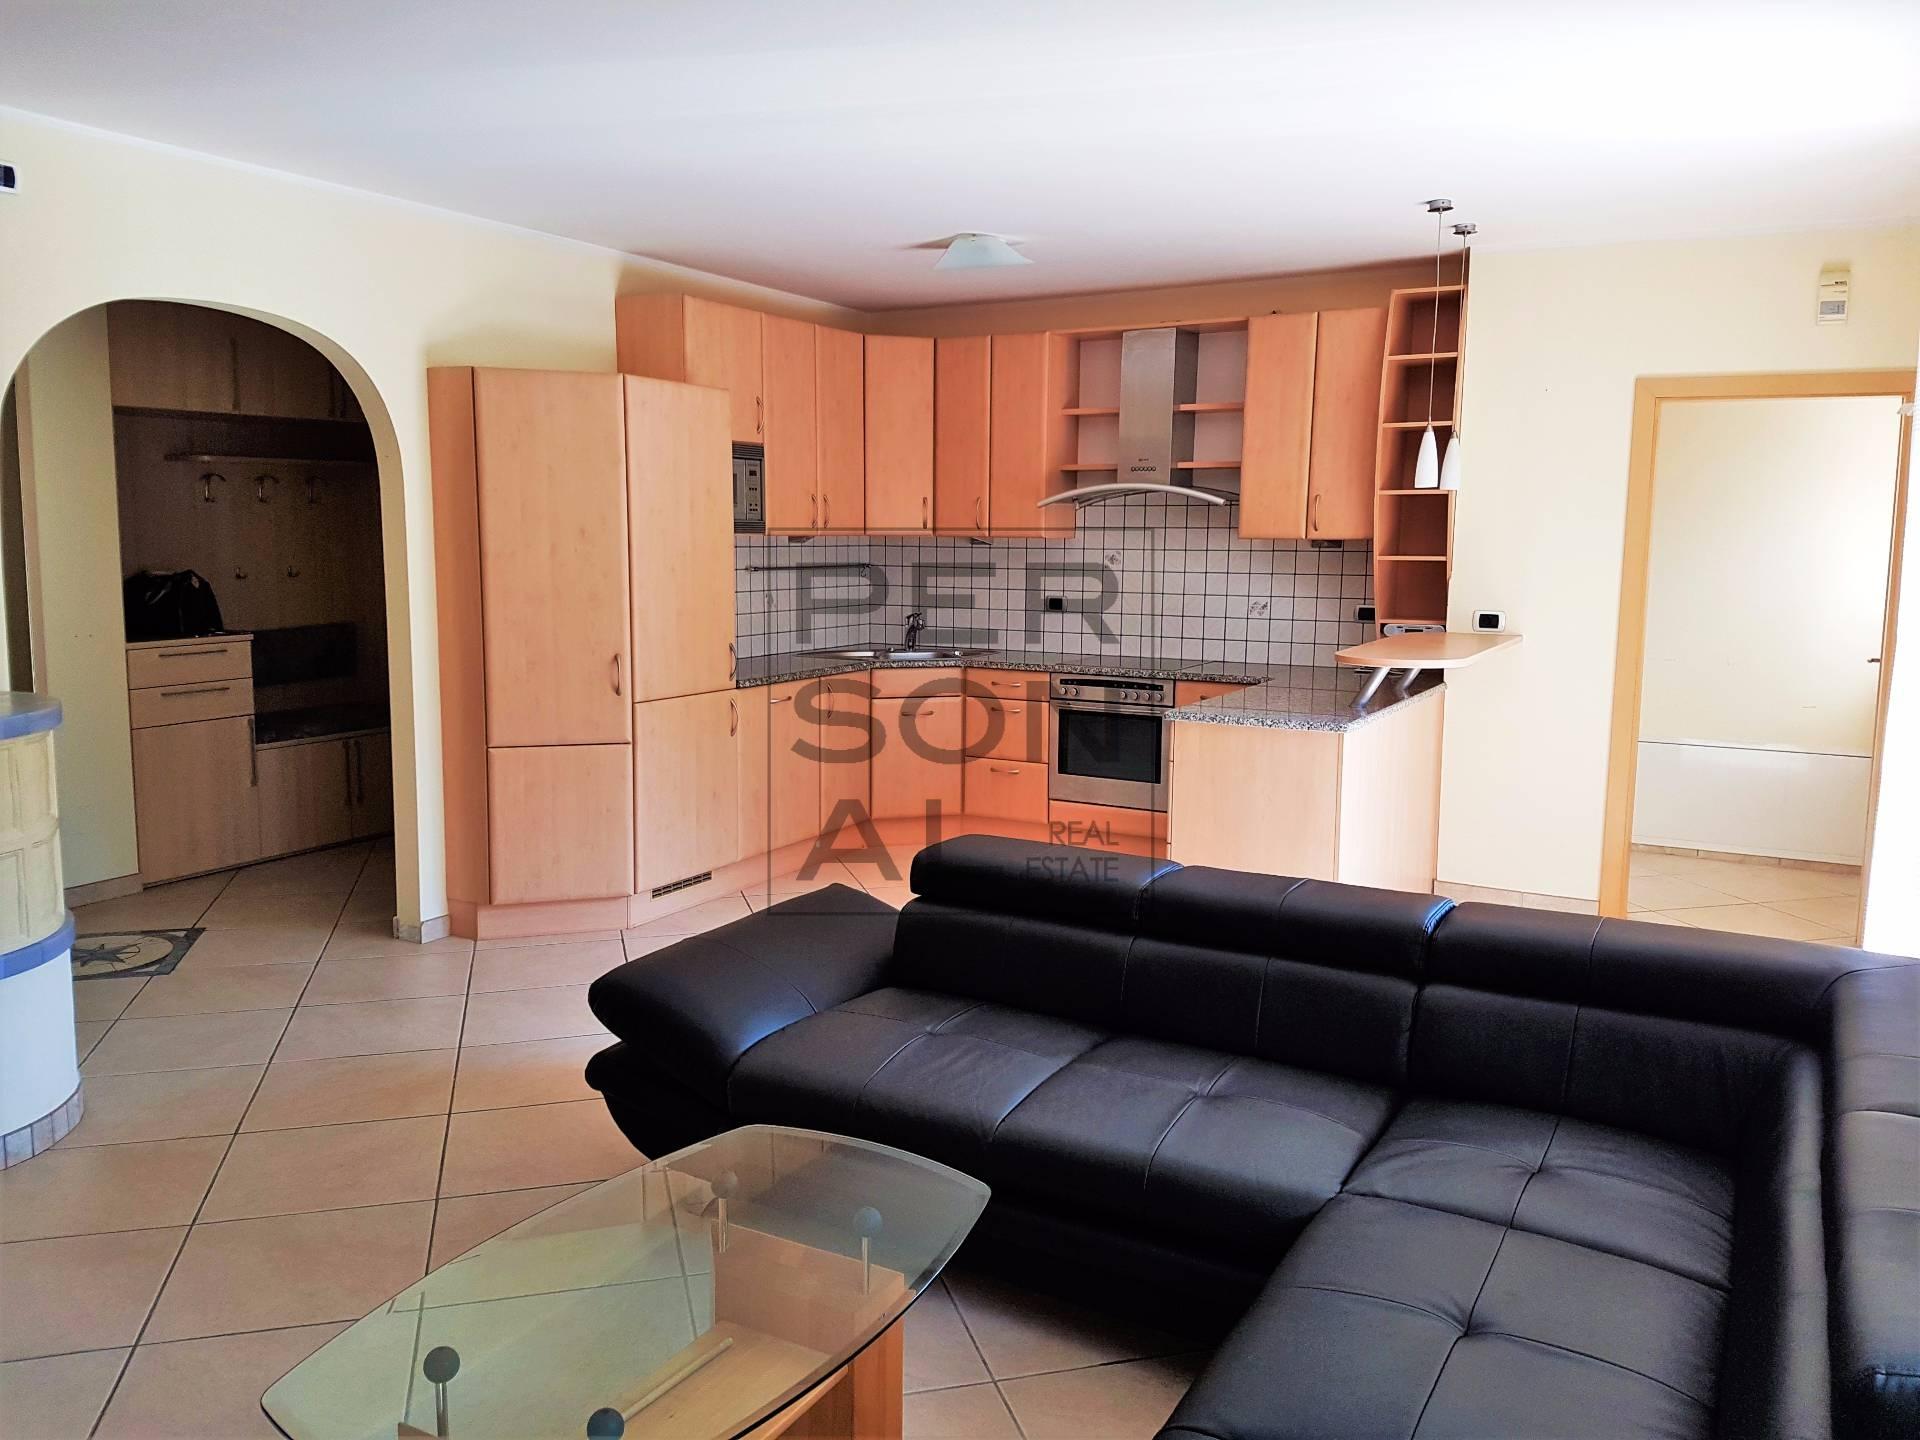 Appartamento in vendita a Salorno, 4 locali, prezzo € 350.000 | CambioCasa.it